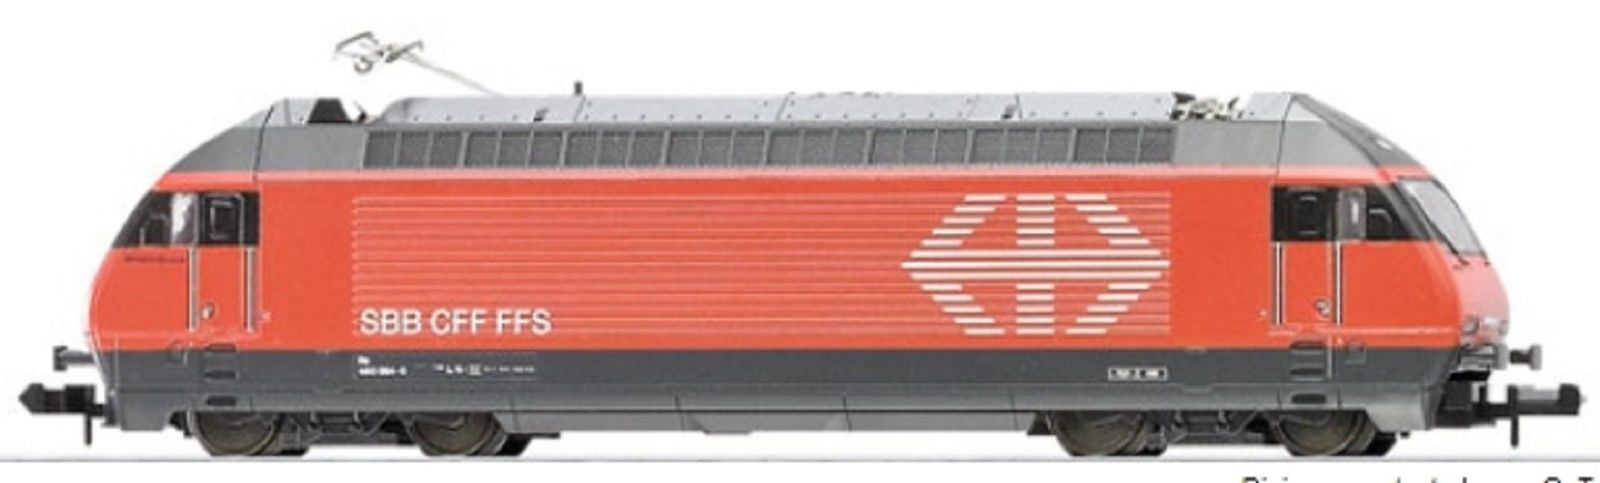 画像1: 鉄道模型 ミニトリックス MiniTrix 16761 SBB Re460 電気機関車 Nゲージ